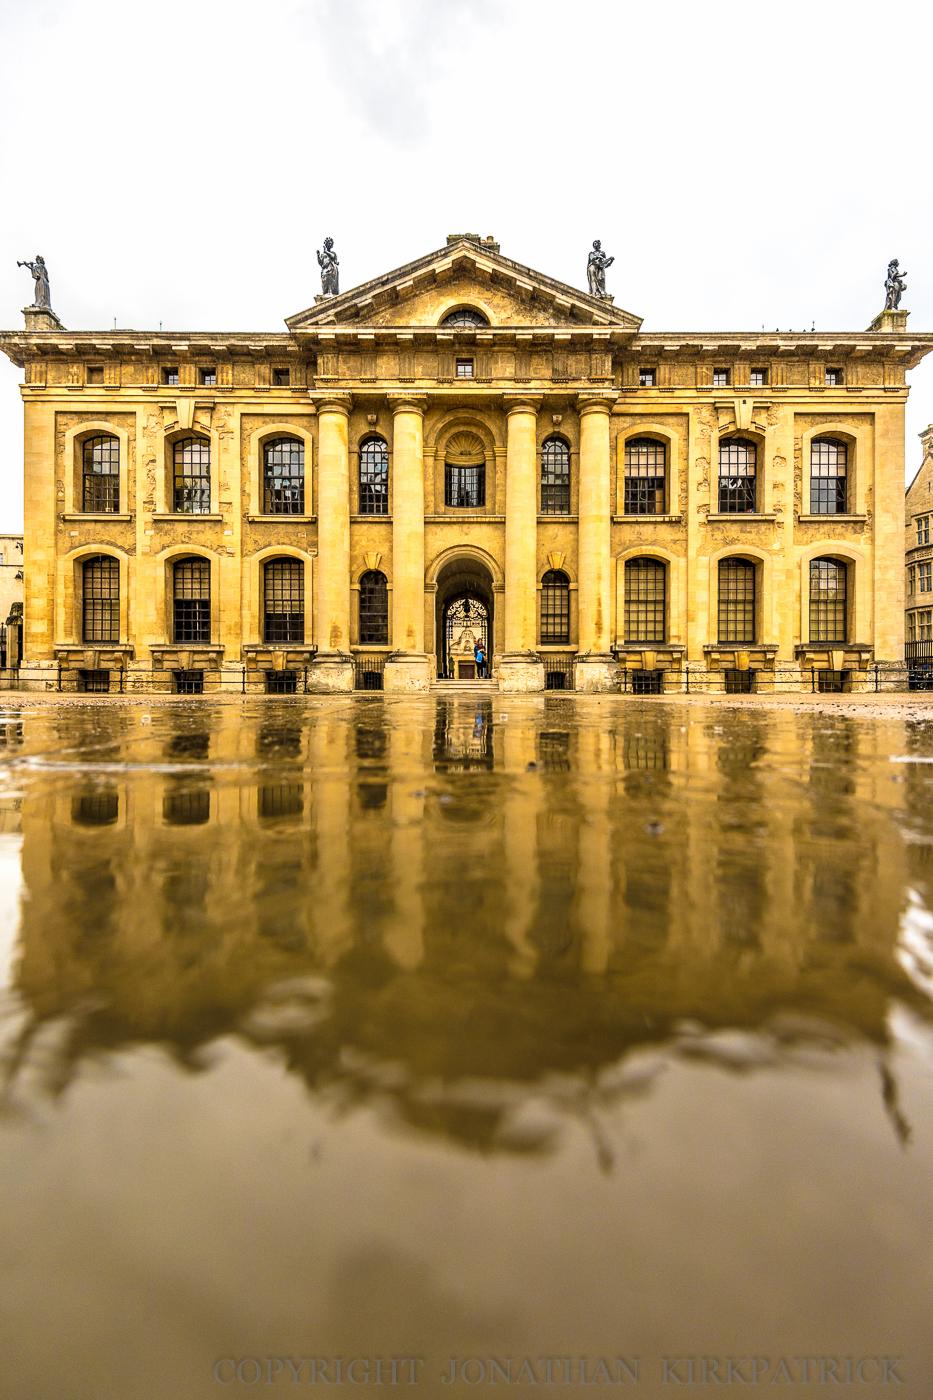 Clarendon Building, rain